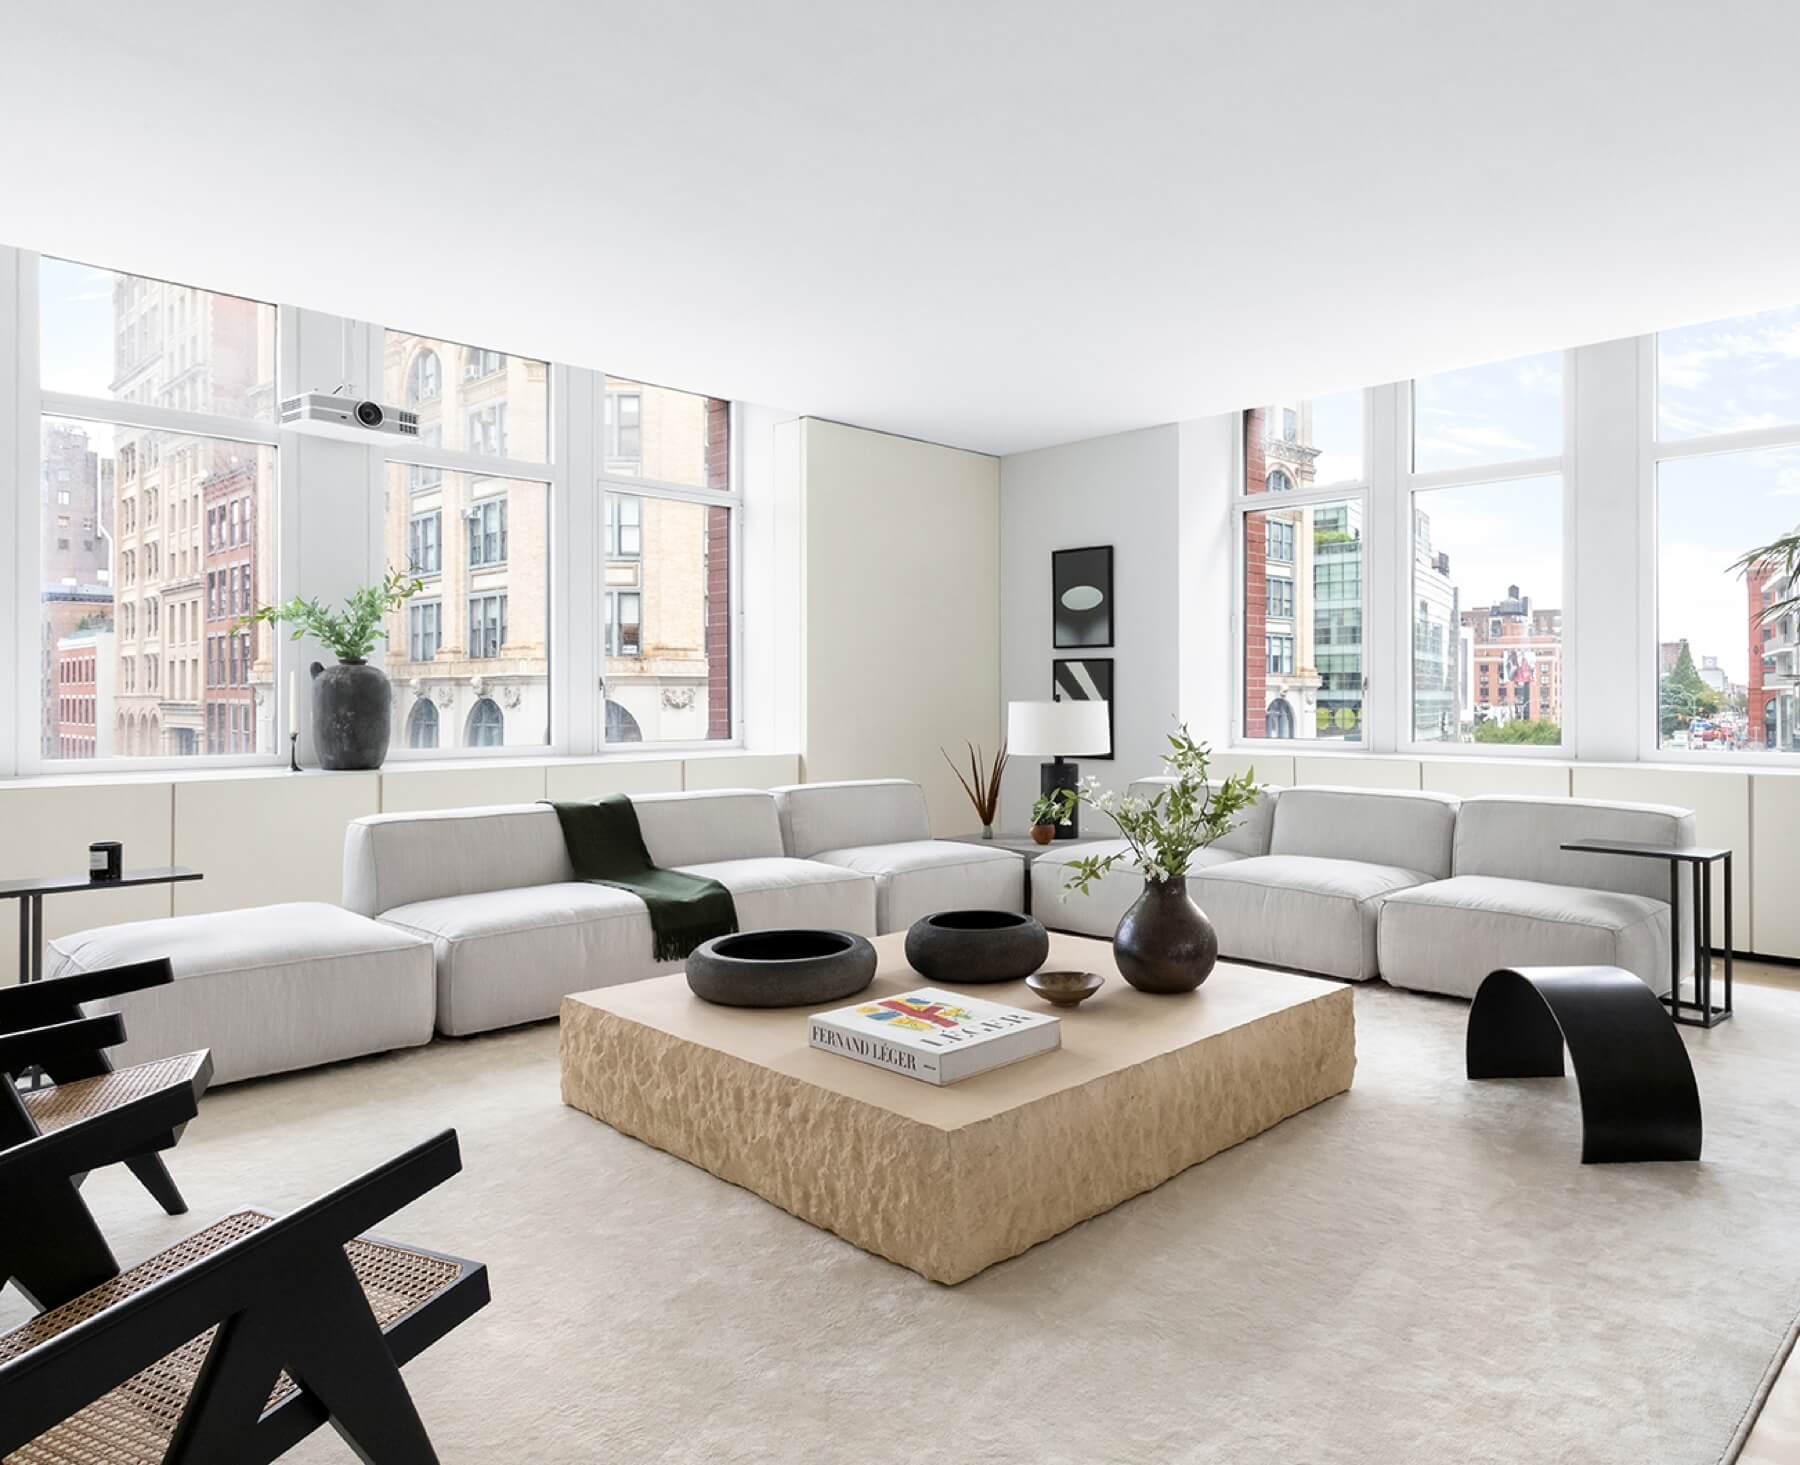 Kanye West SoHo apartment at 25 West Houston Street